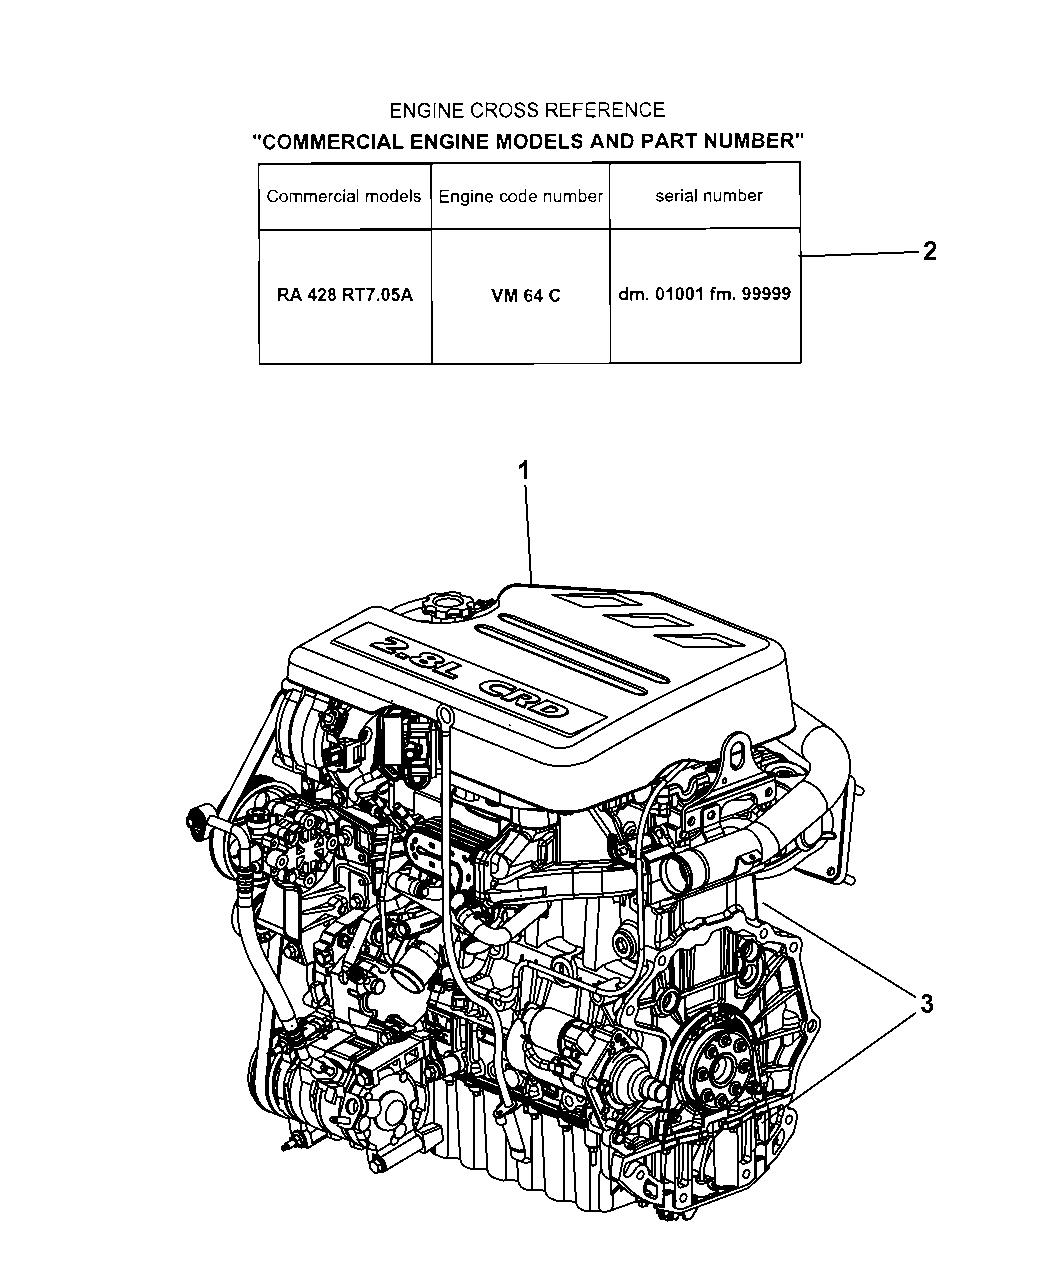 2008 Dodge Nitro Engine Assembly & Identification - Thumbnail 2